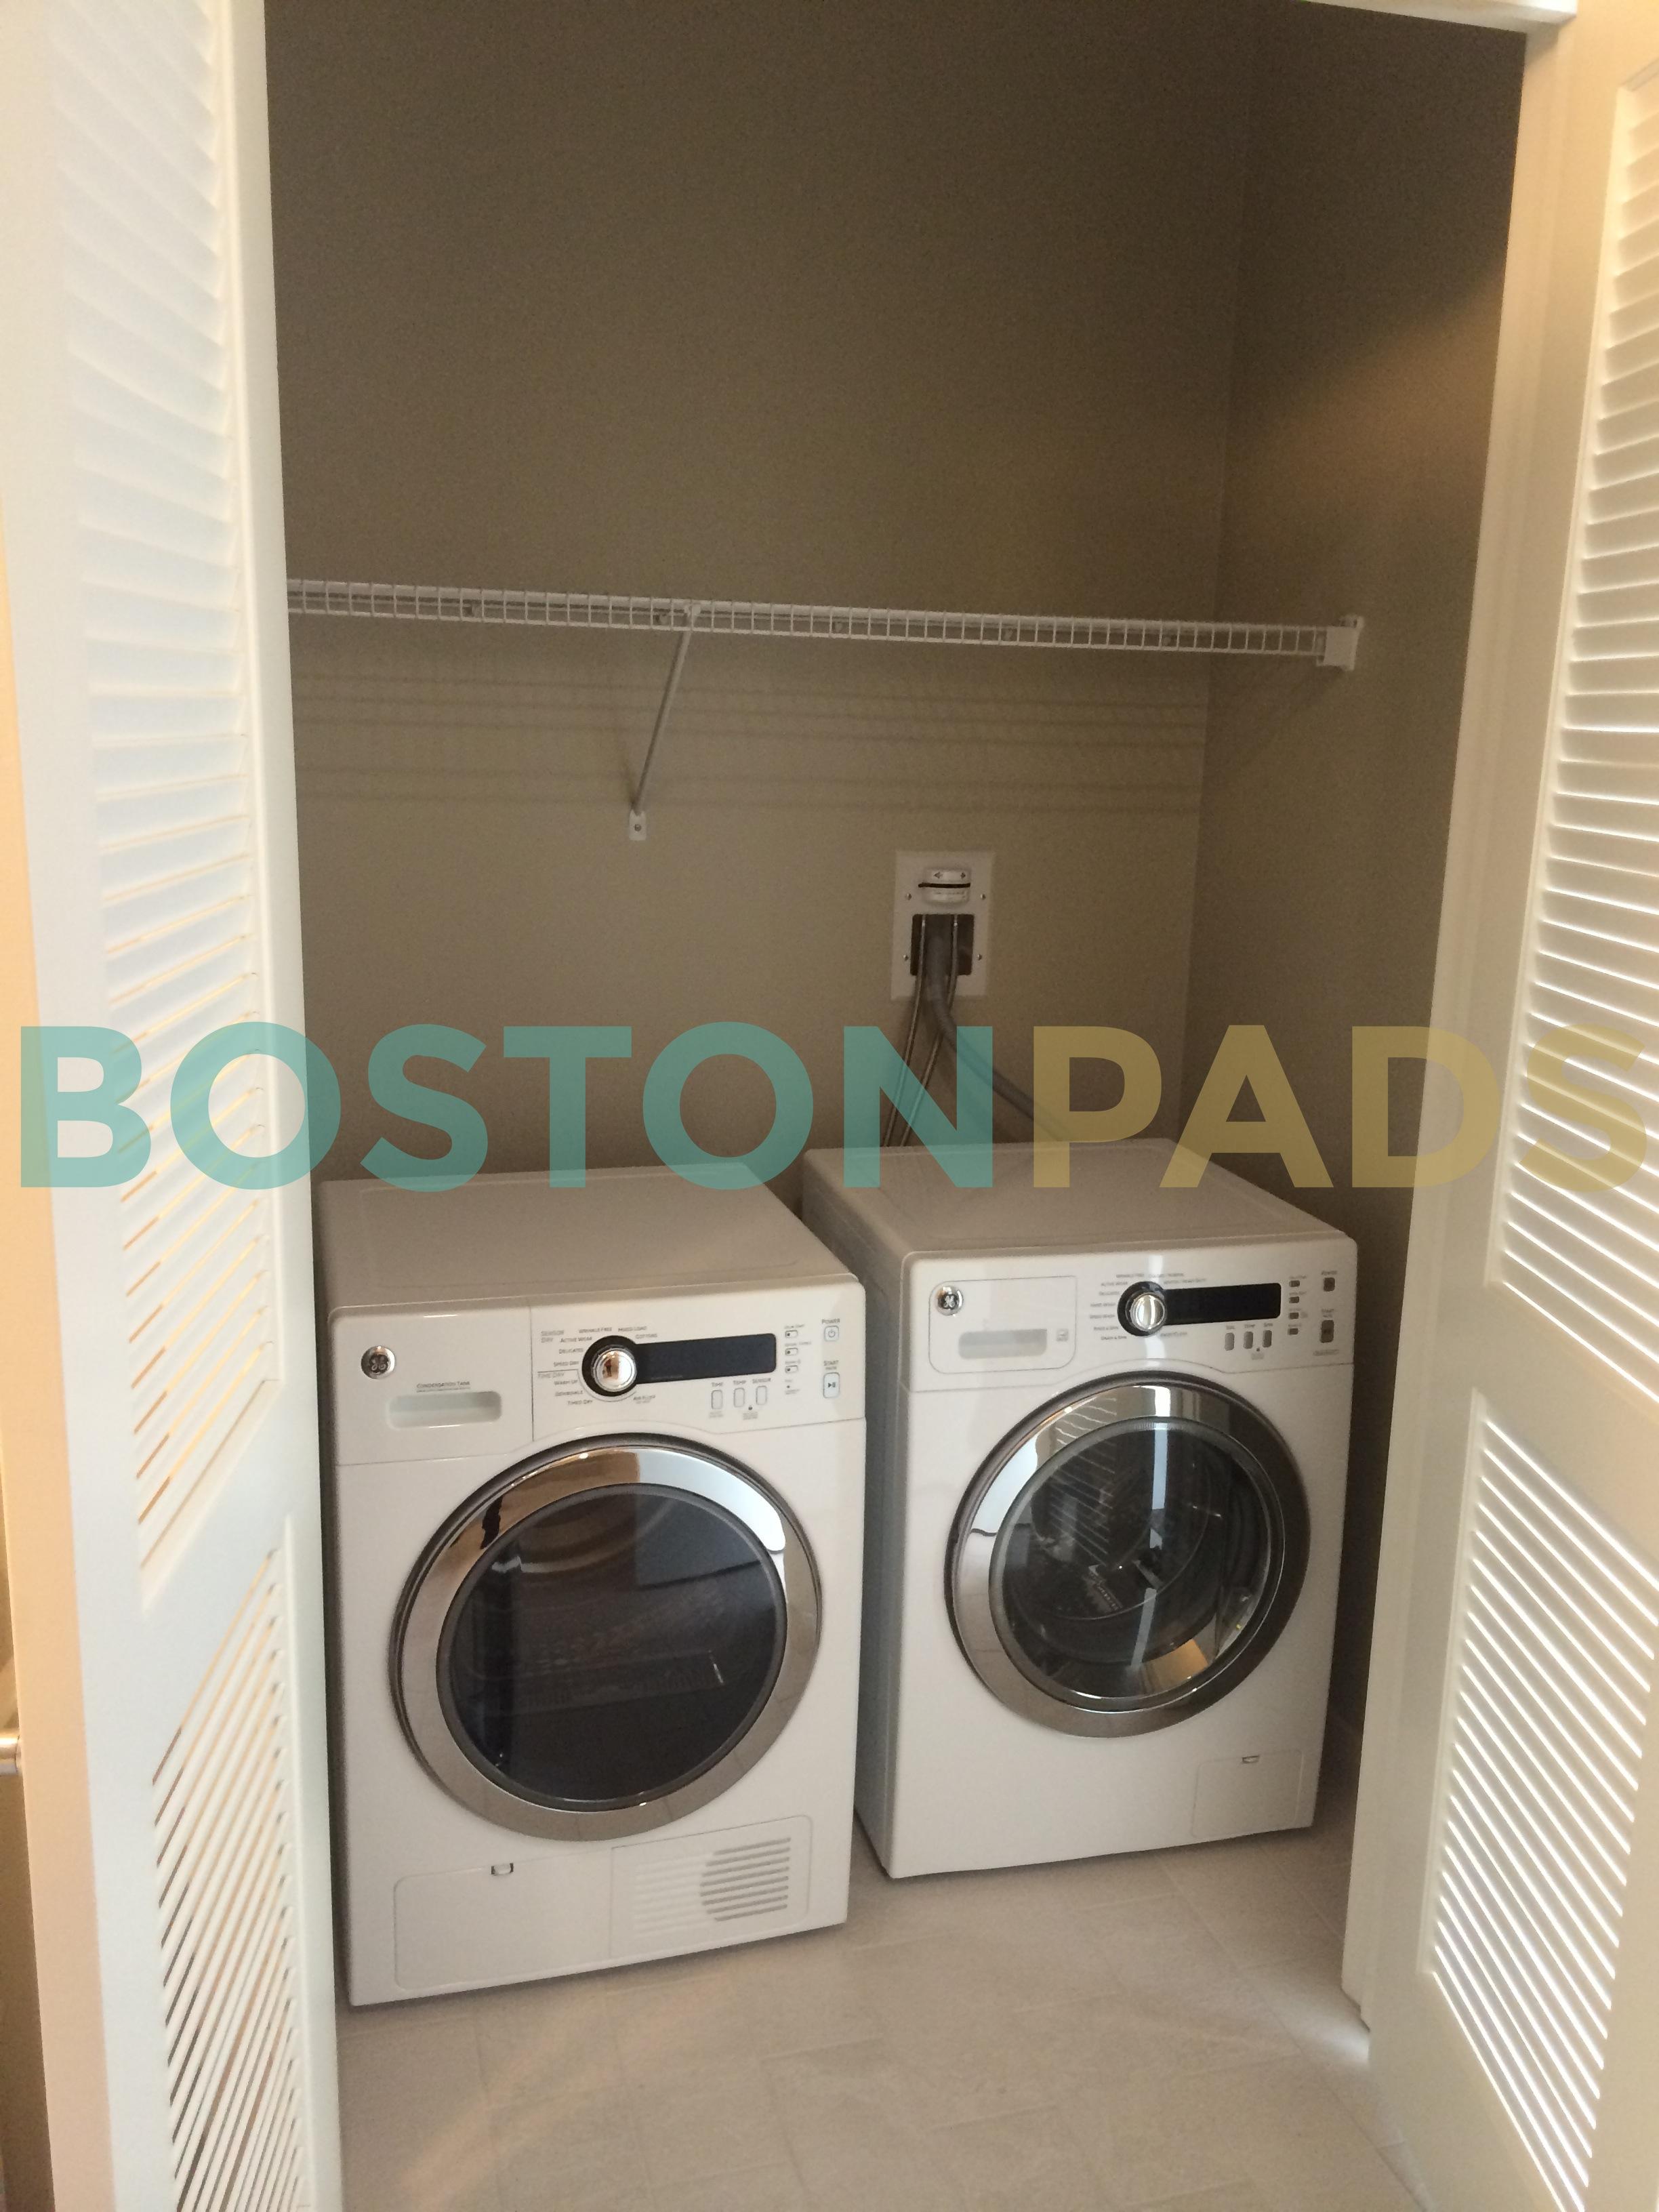 Waterside Washer Dryer